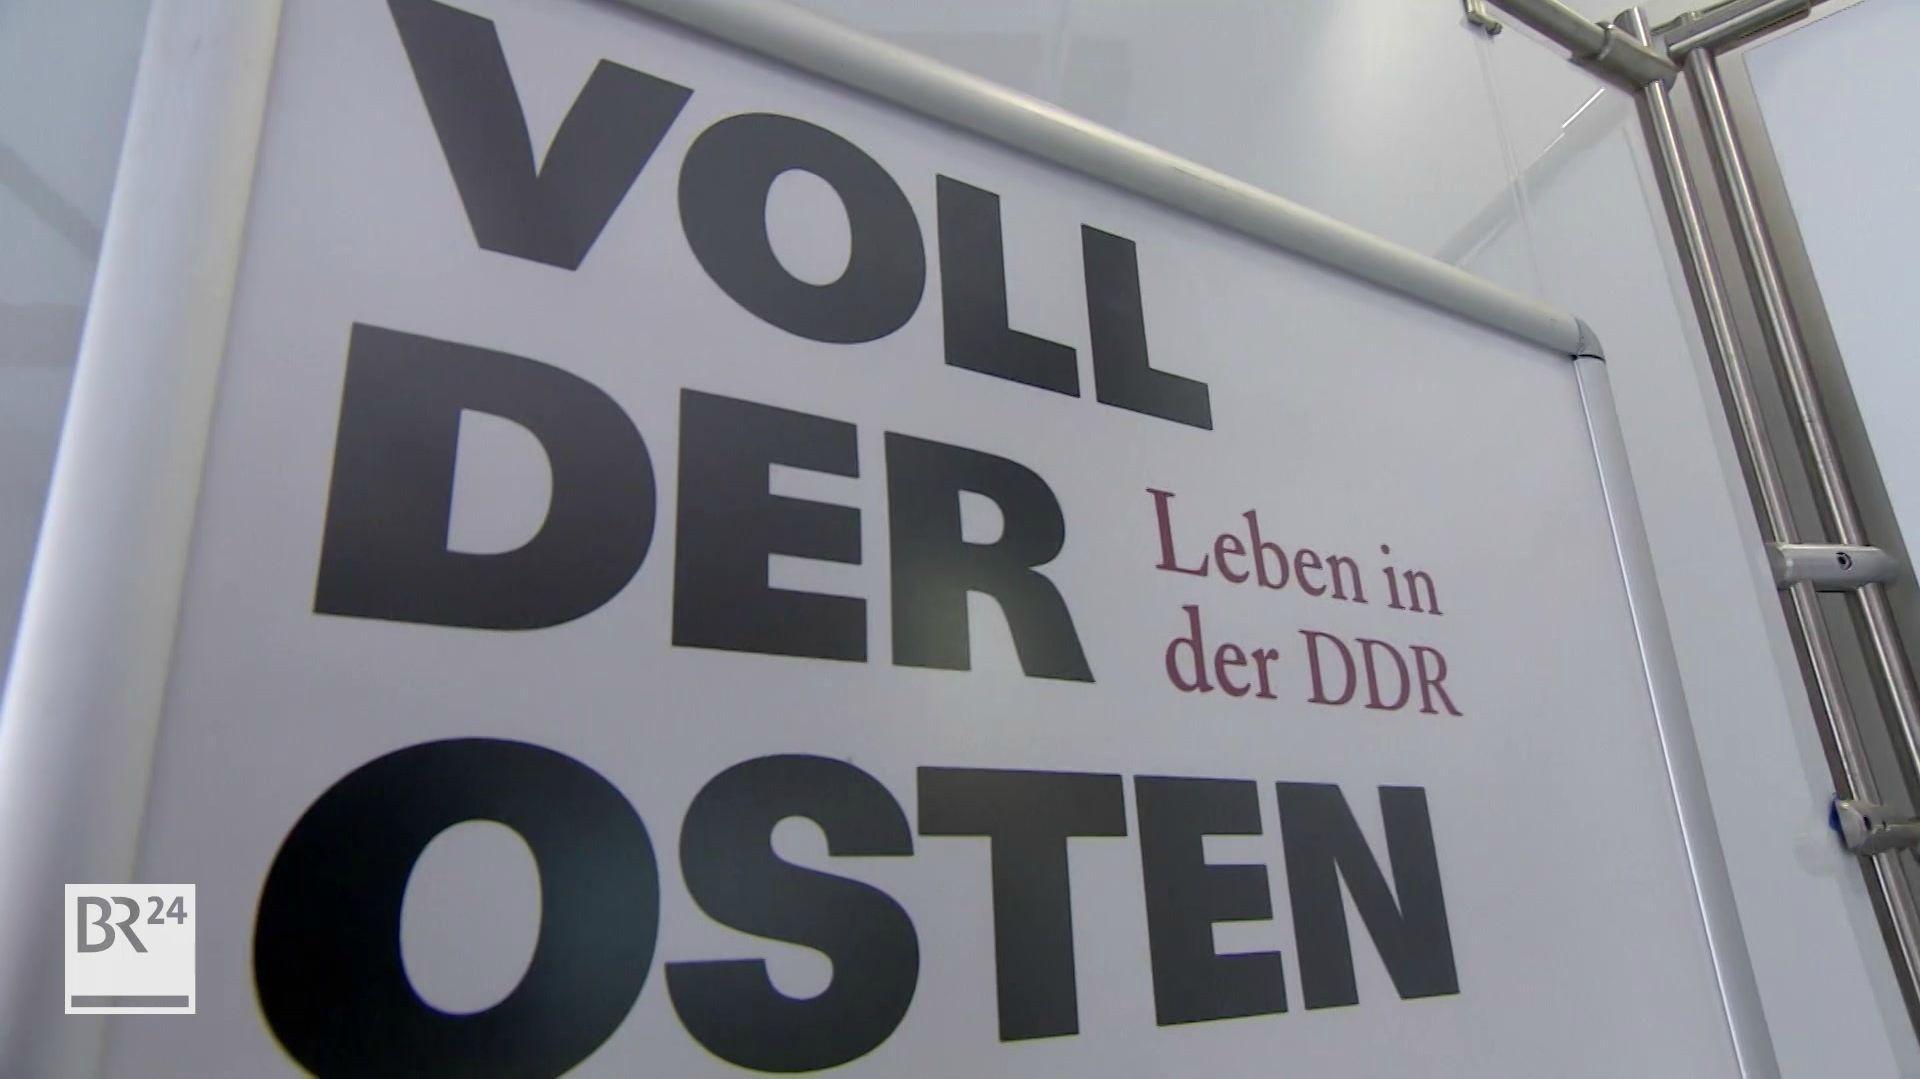 """Plakat zur Ausstellung """"Voll der Osten - Leben in der DDR"""""""